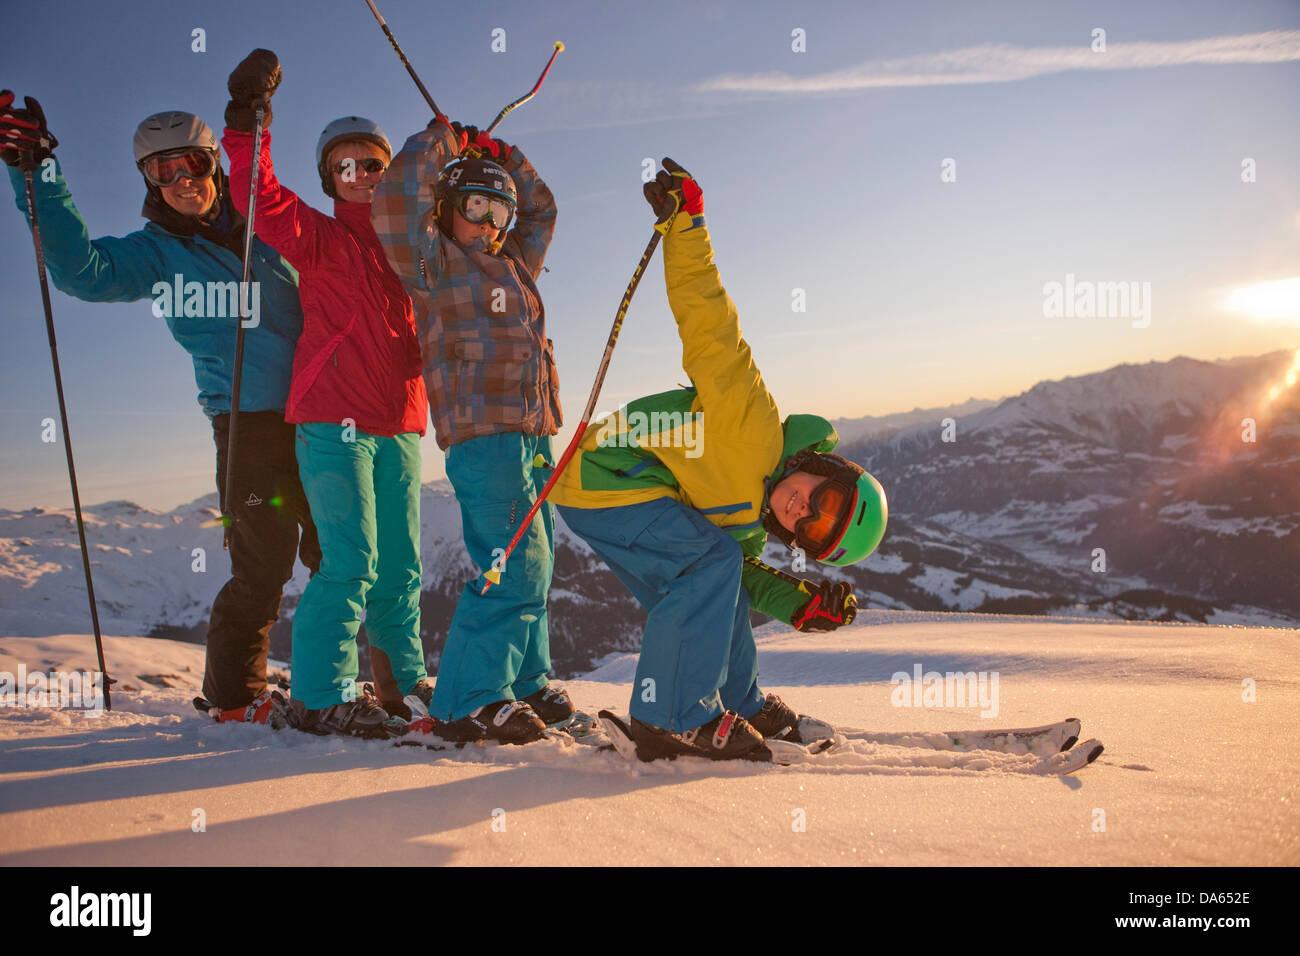 Familia, esquí, deportes de invierno, Brigels, montaña, montañas, familia, esquí, deportes de Imagen De Stock